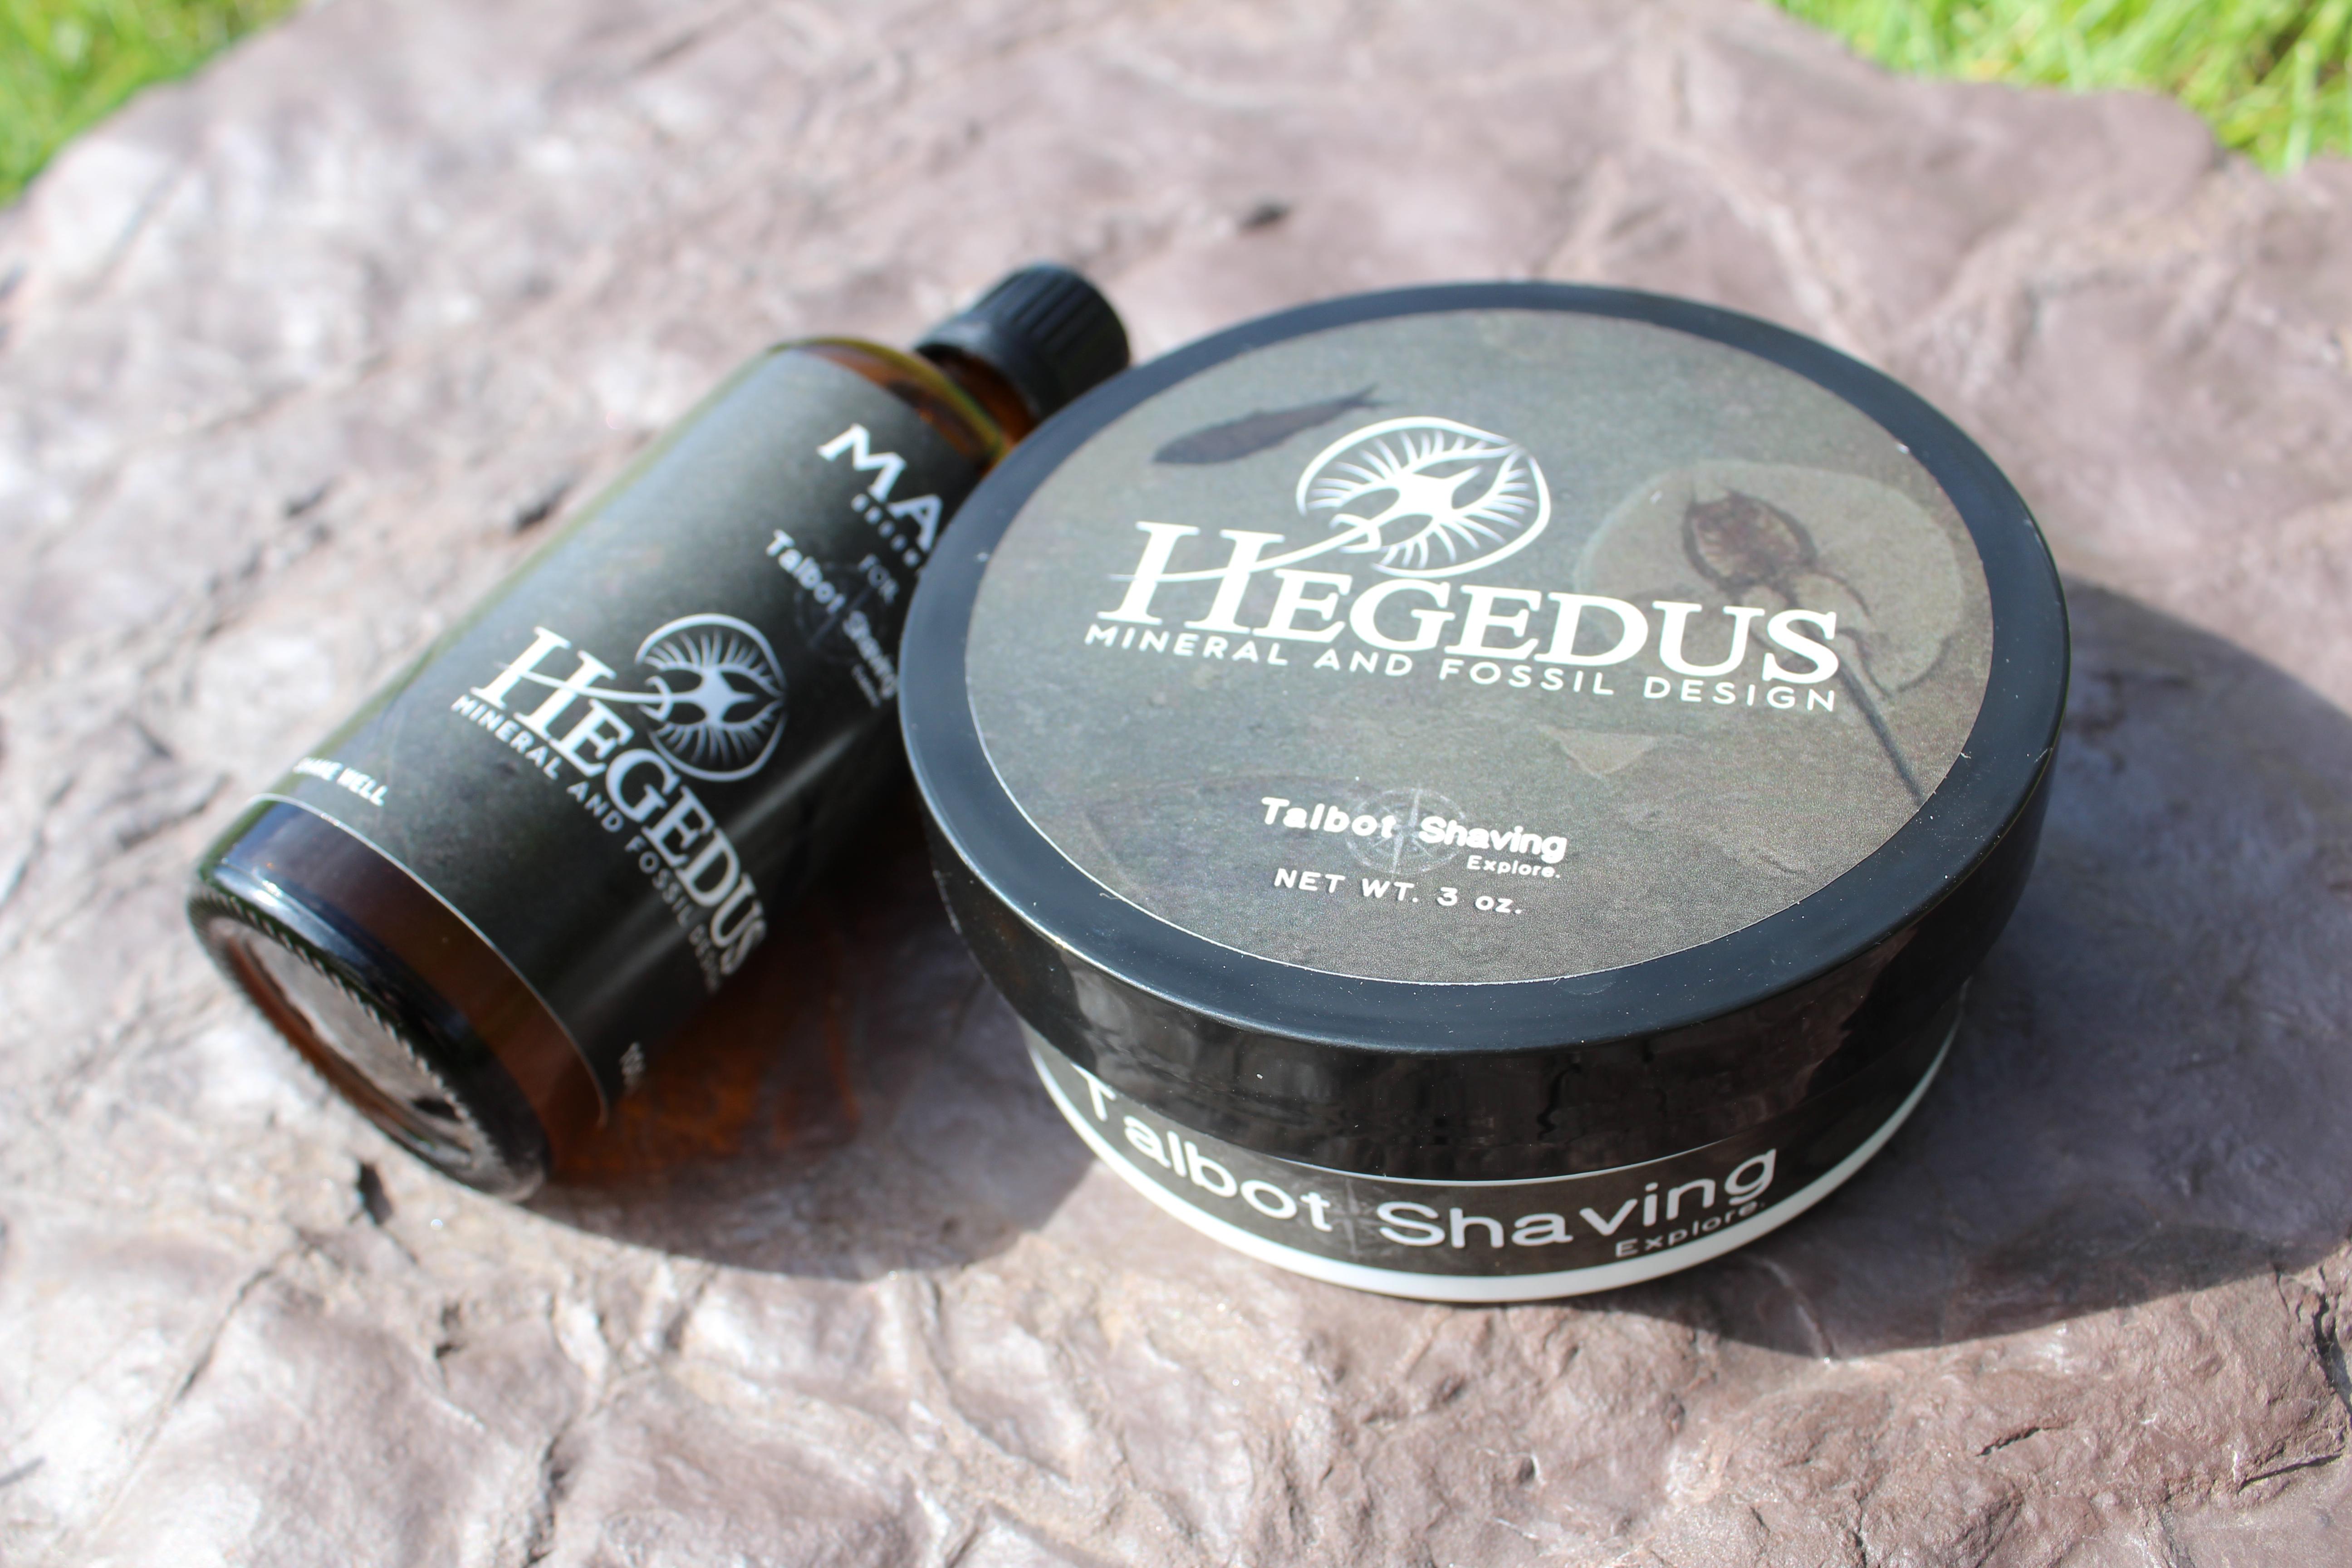 Talbot Shaving - Hegedus Design - Soap image